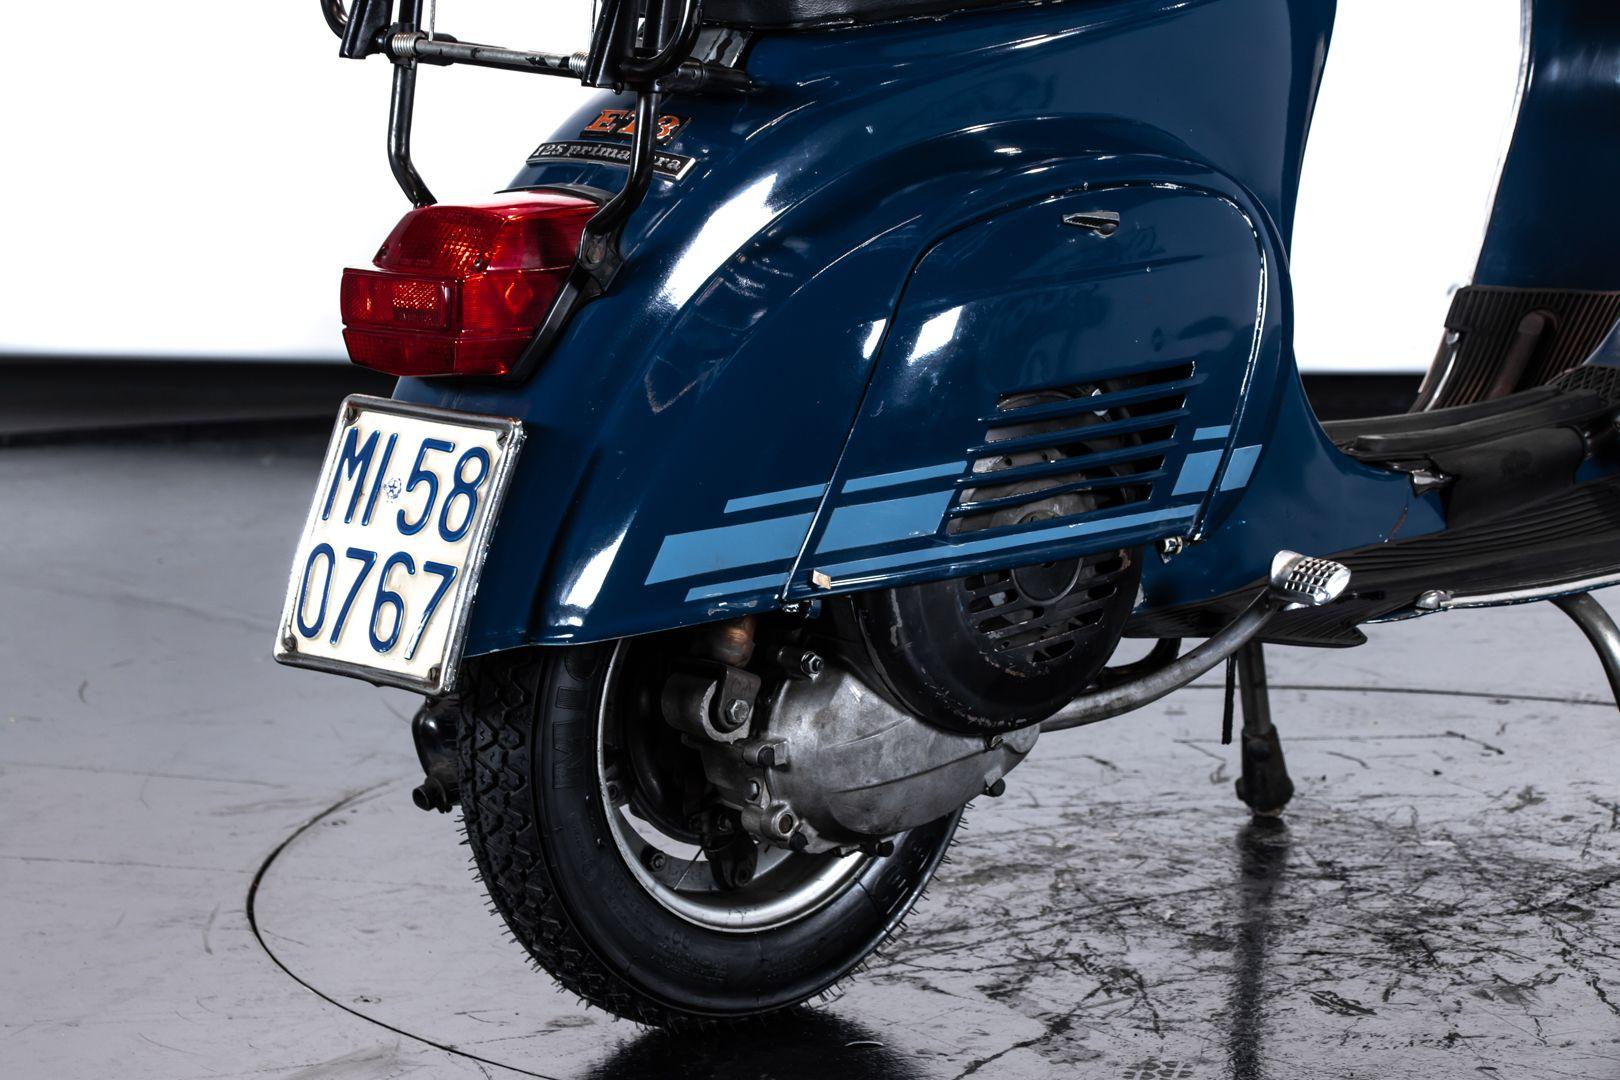 1978 Piaggio Vespa 125 Primavera 78390